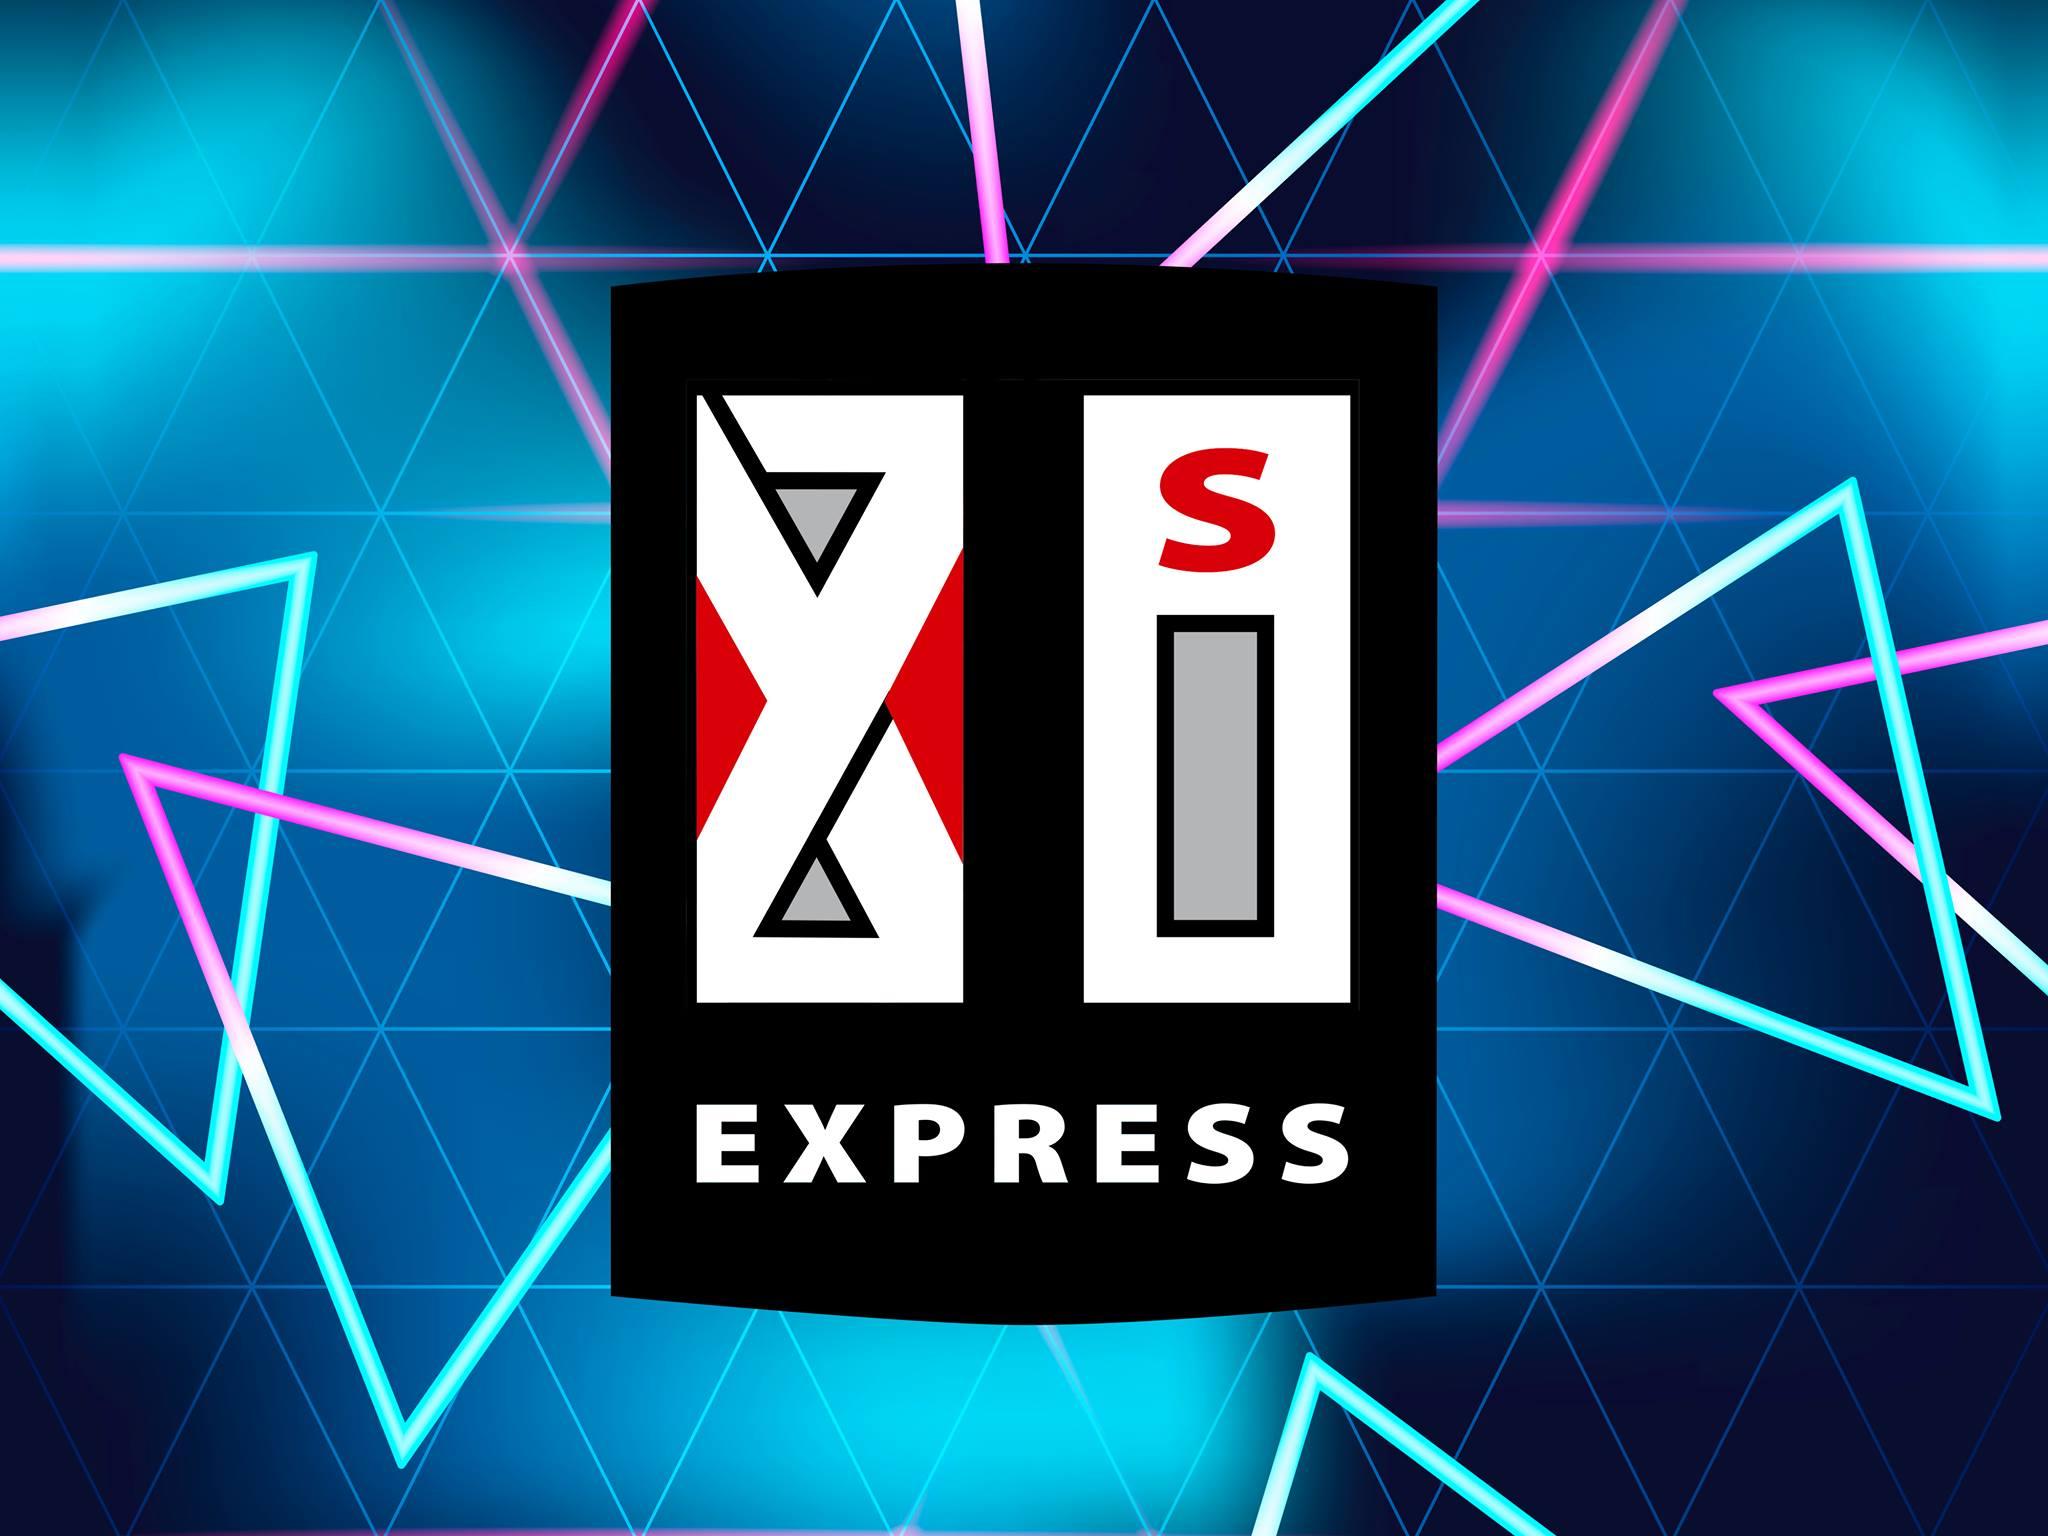 80s EXPRESS